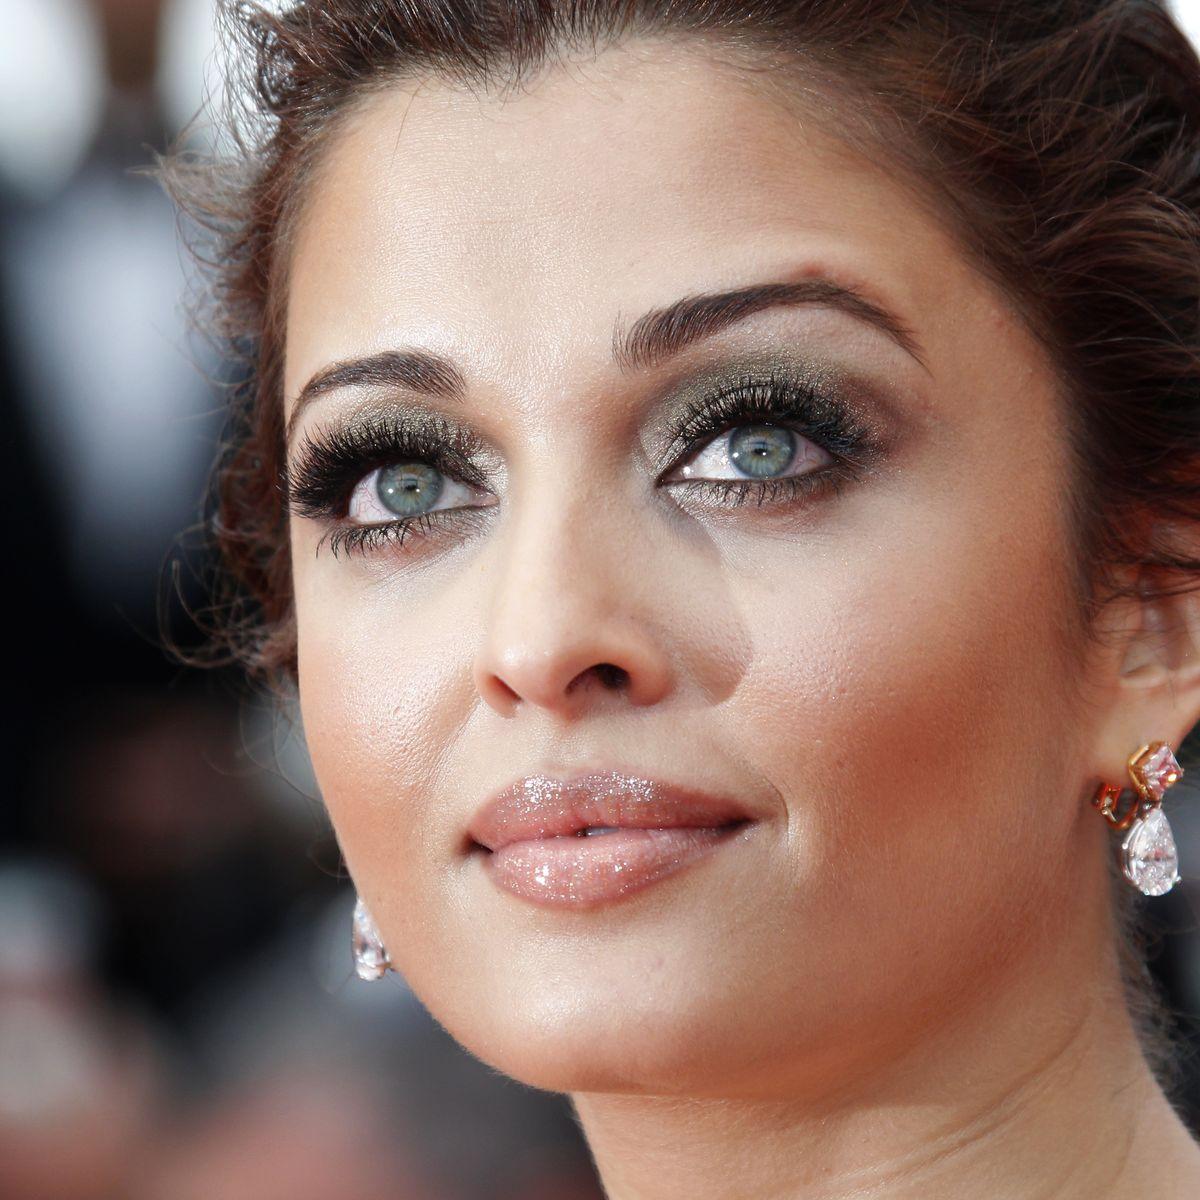 La princesse de Bollywood sommée de perdre du poids